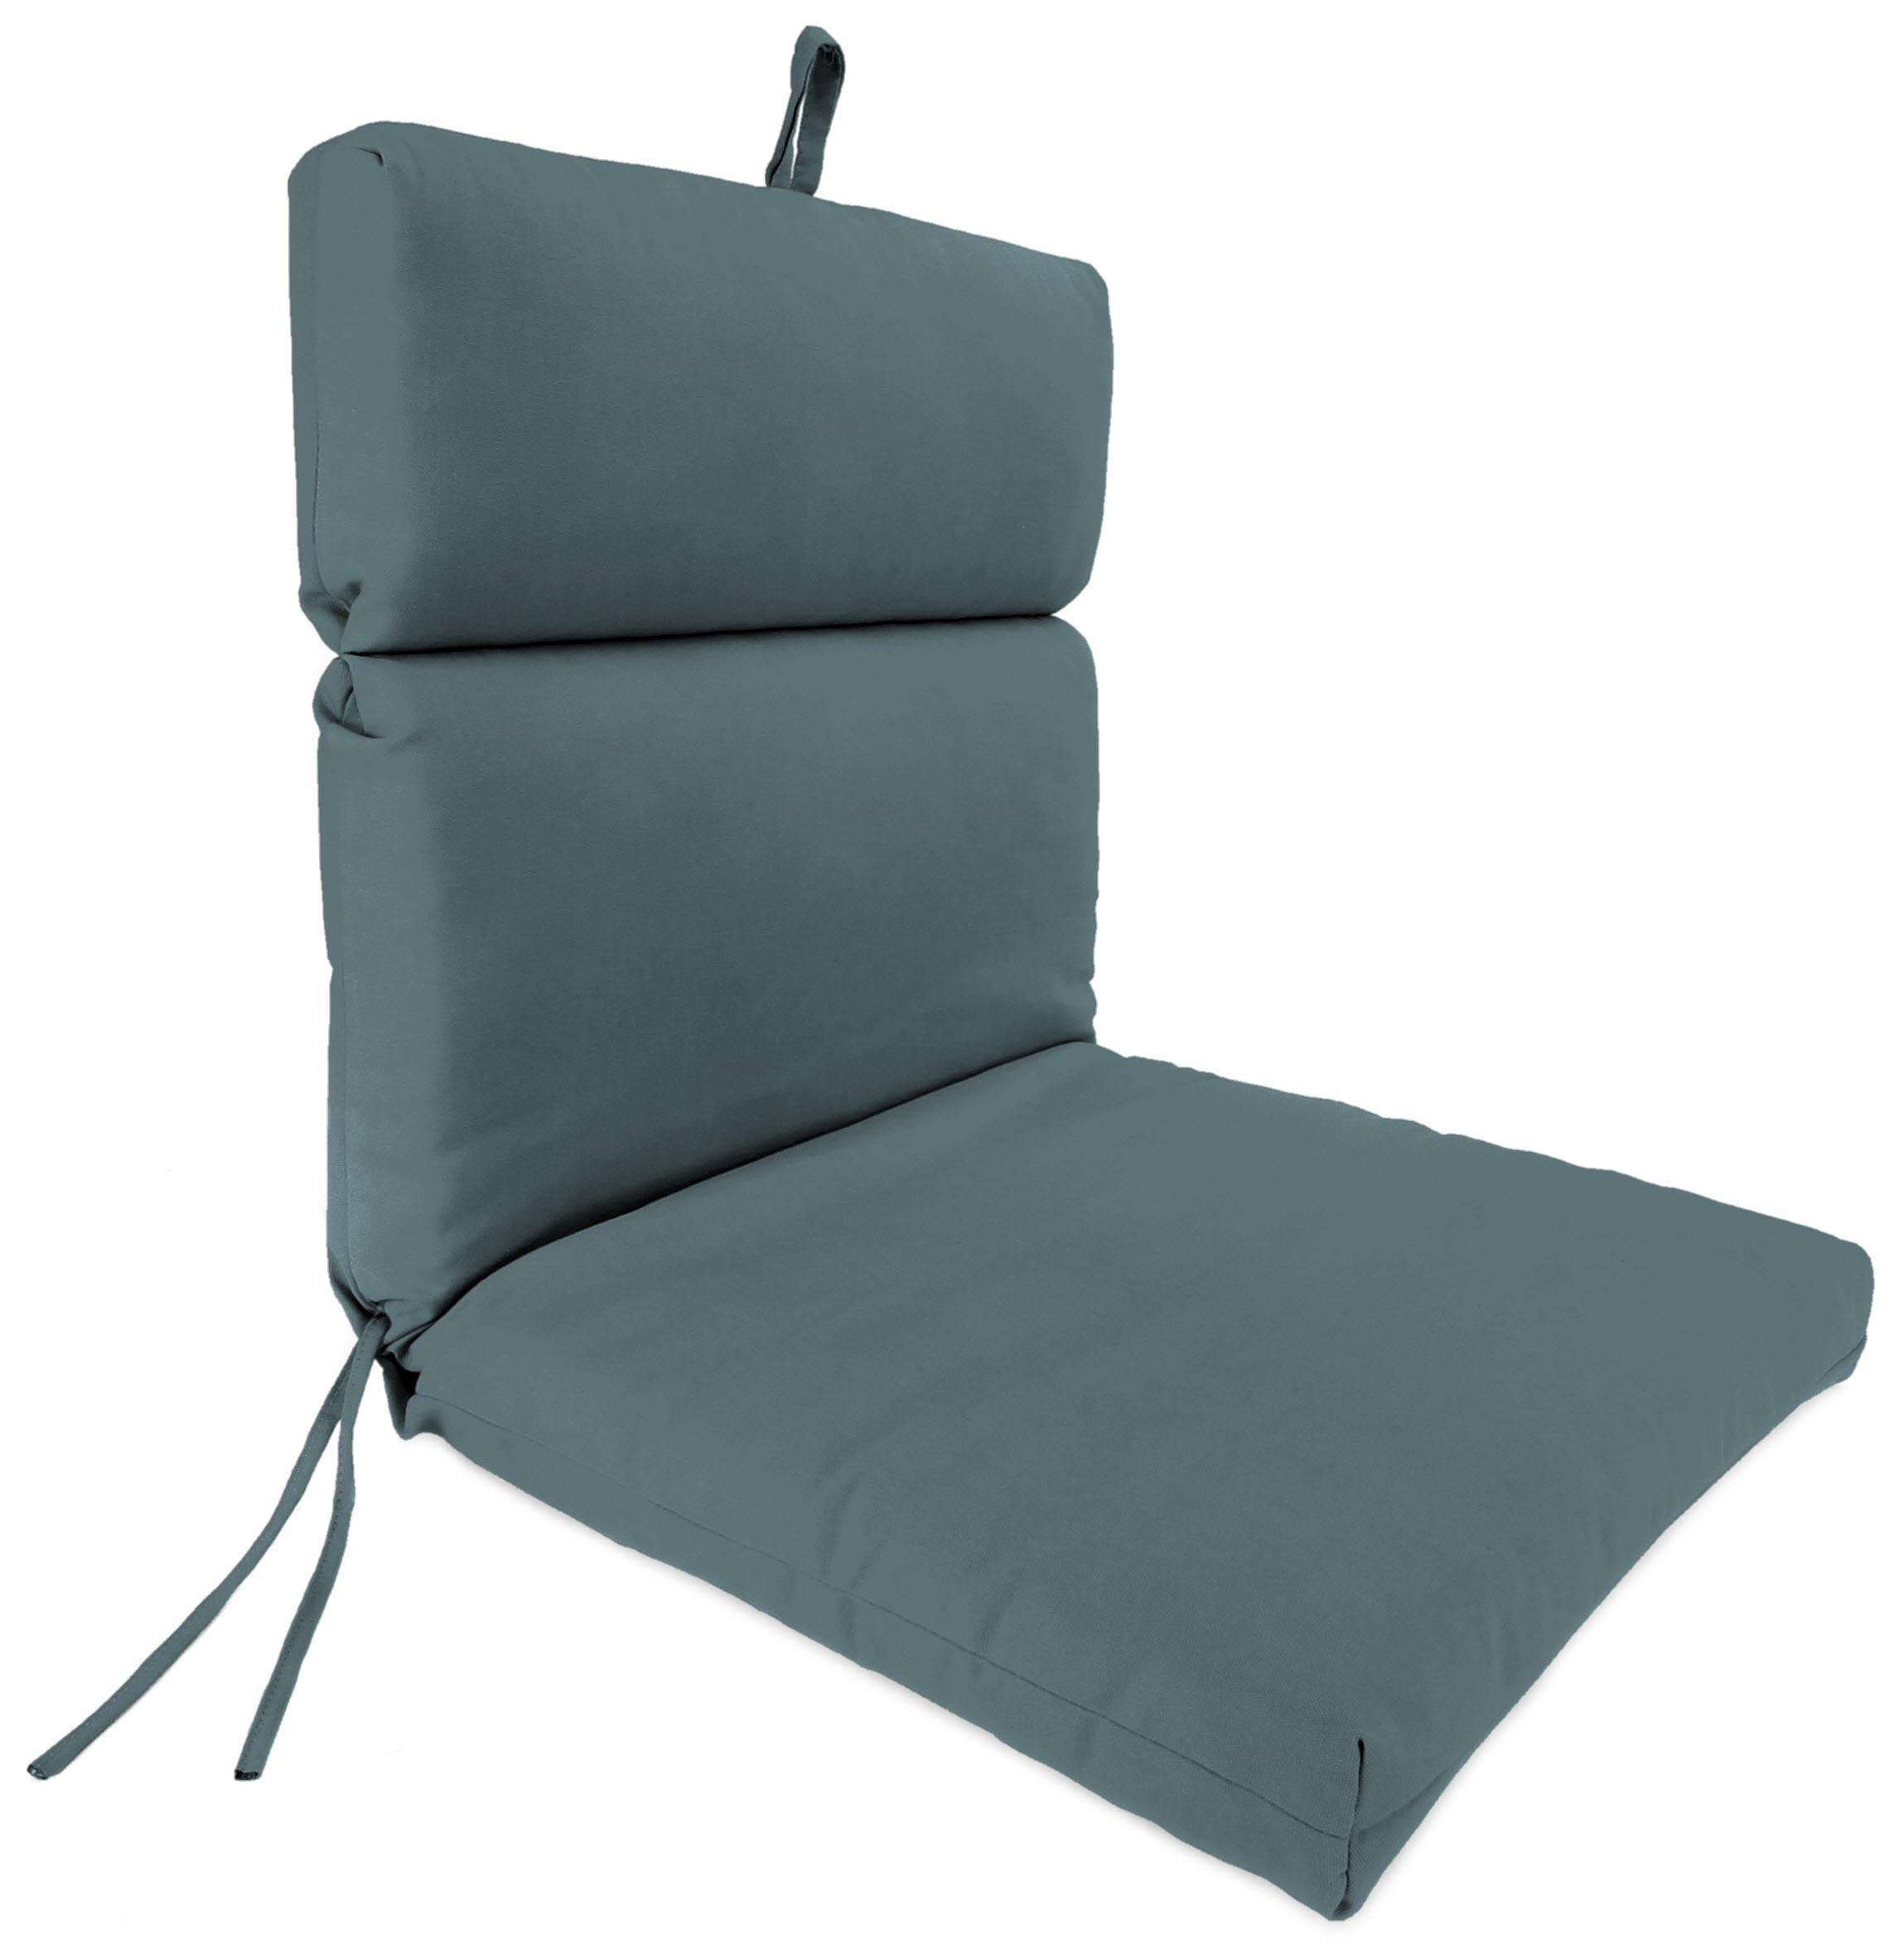 Home Accents Outdoor 22 X 44 Sunbrella Chair Cushion Lagoon In